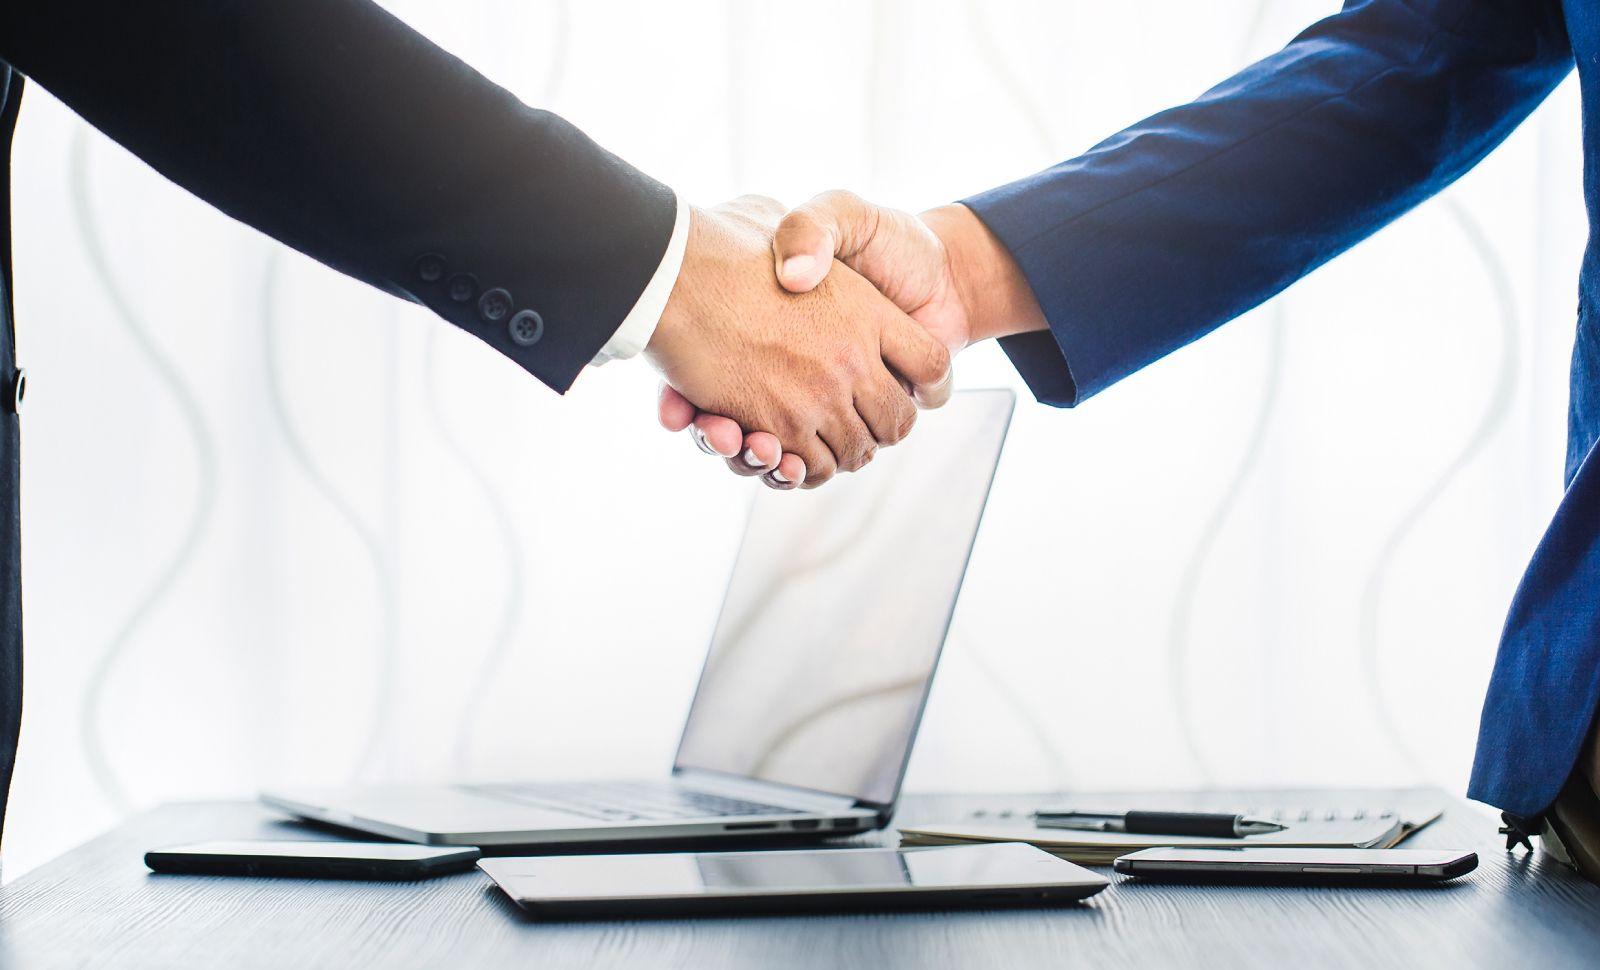 Peran Penting Pendistribusian Dana dalam Peer-to-Peer Lending